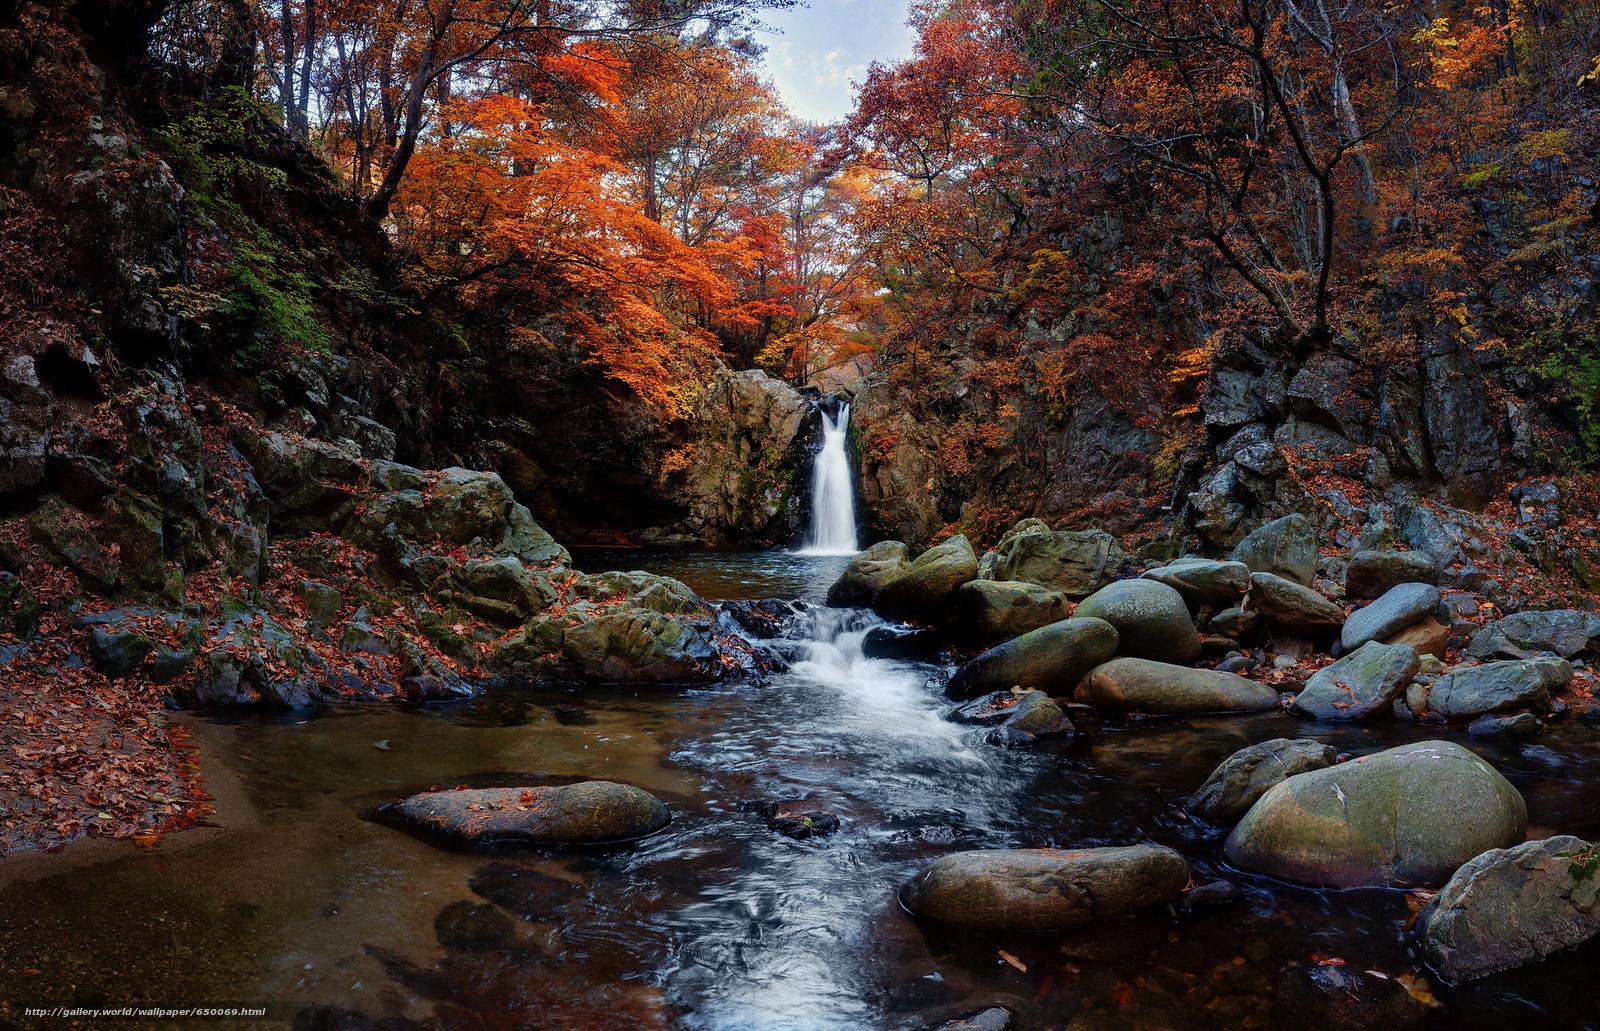 Скачать обои водопад,  осень,  камни,  деревья бесплатно для рабочего стола в разрешении 2048x1320 — картинка №650069